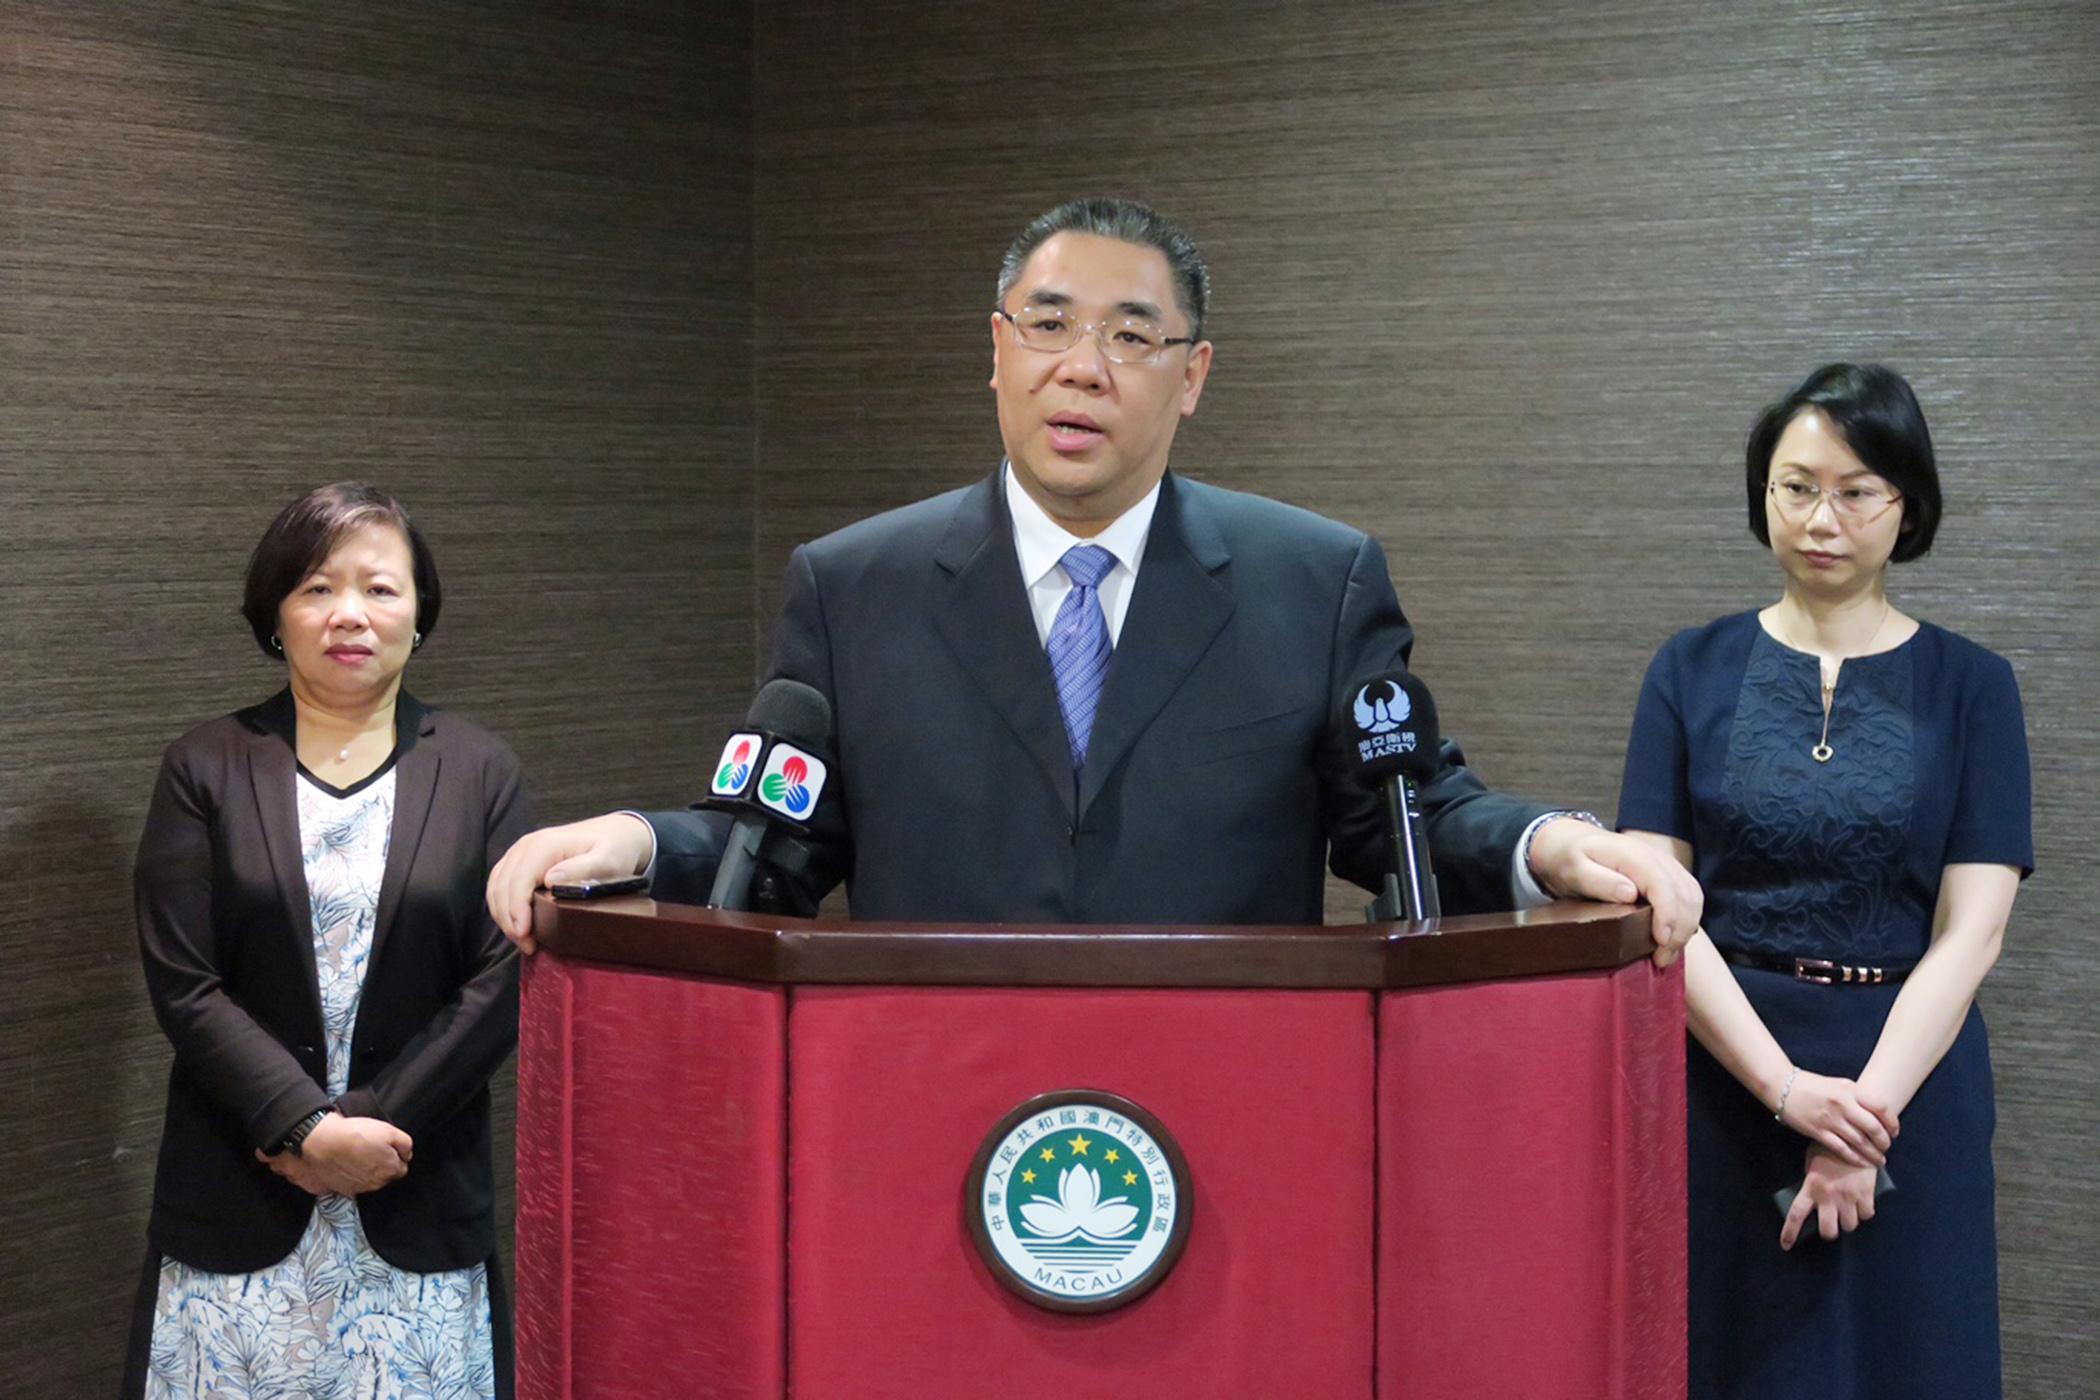 Águas marítimas | Chefe do Executivo fala em cooperação com Pequim